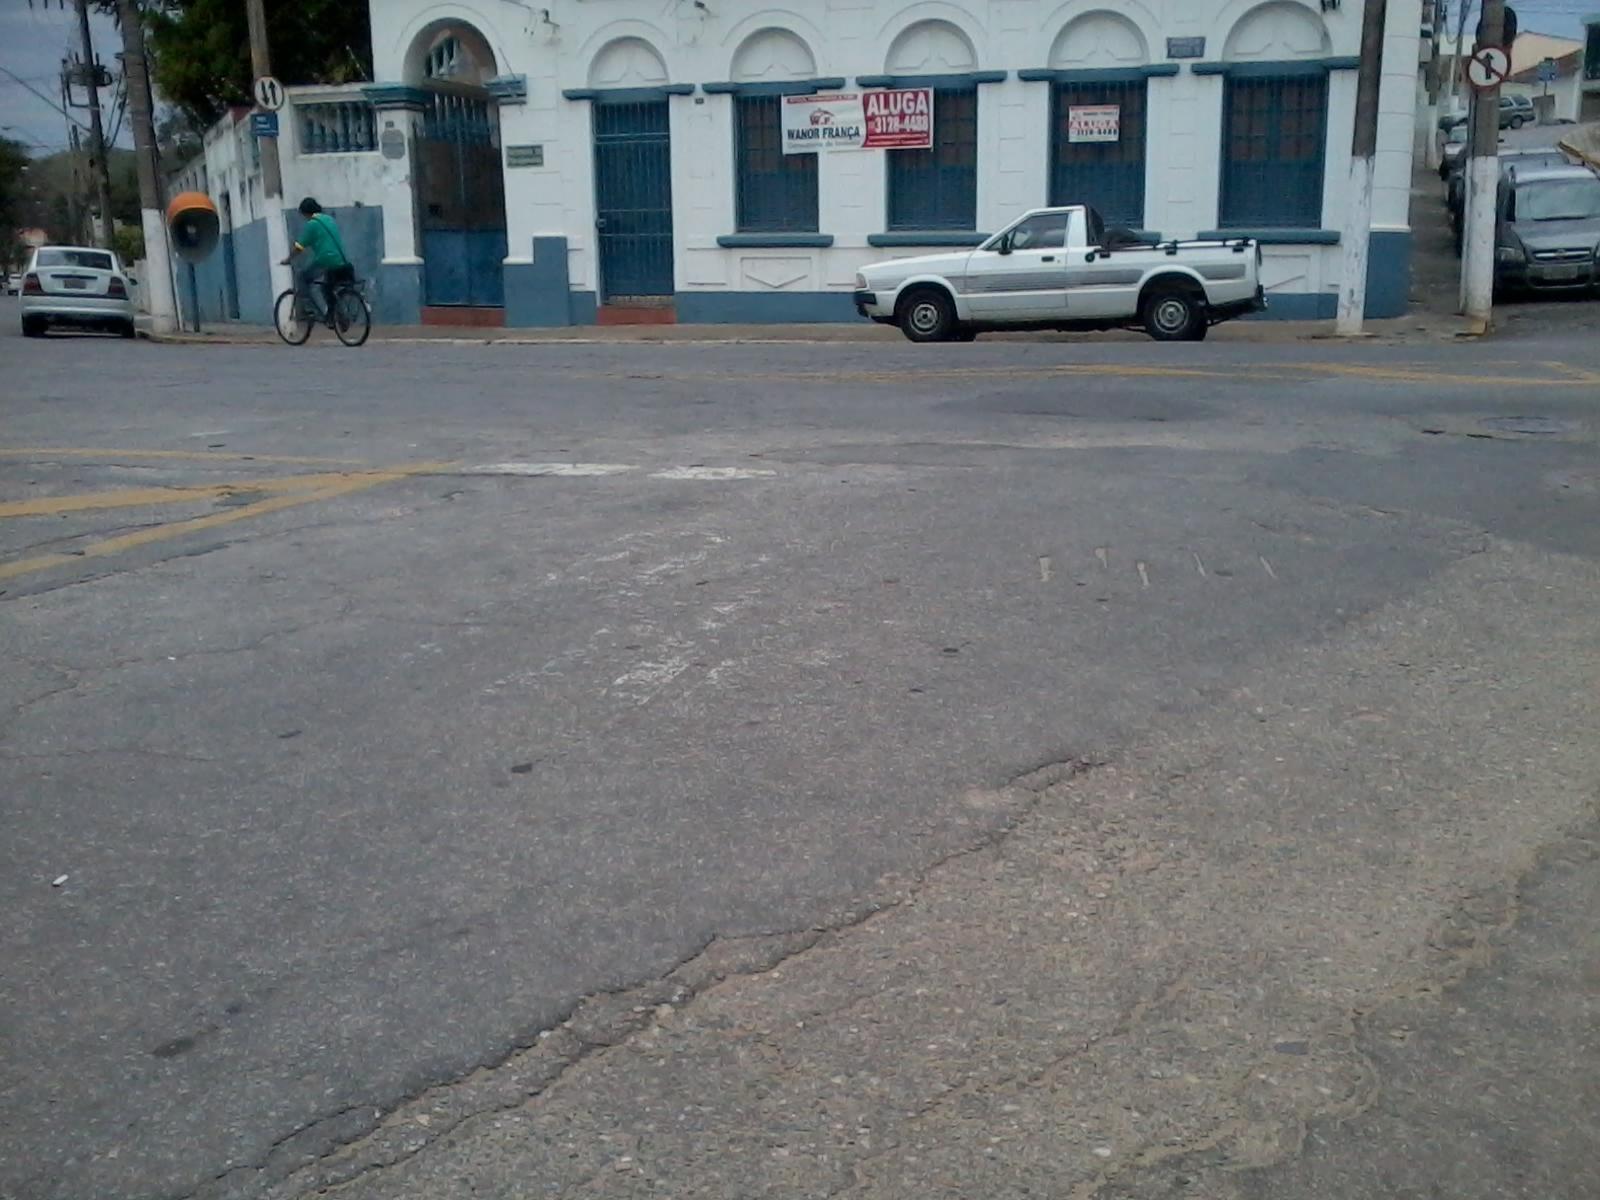 Faixa de pedestre apagada em cruzamento no centro de Guaratinguetá, é um dos exemplos do déficit na sinalização de trânsito (Foto: Carlos Pimentel)